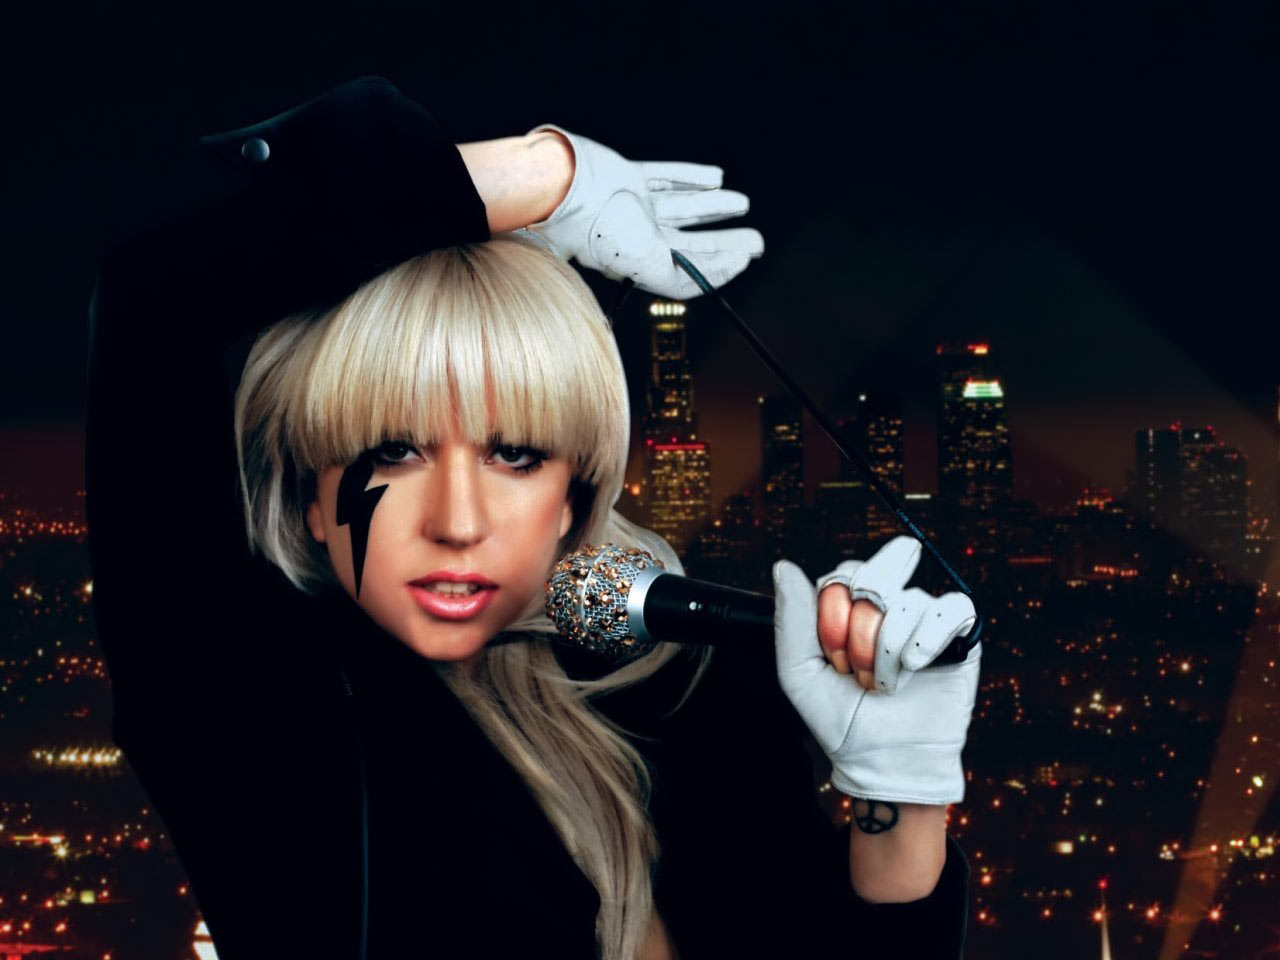 http://4.bp.blogspot.com/-MyOAq3j976w/T7mfb6Til8I/AAAAAAAACOg/xHBIpEbLEeM/s1600/Lady-gaga-wallpaper-1.jpg